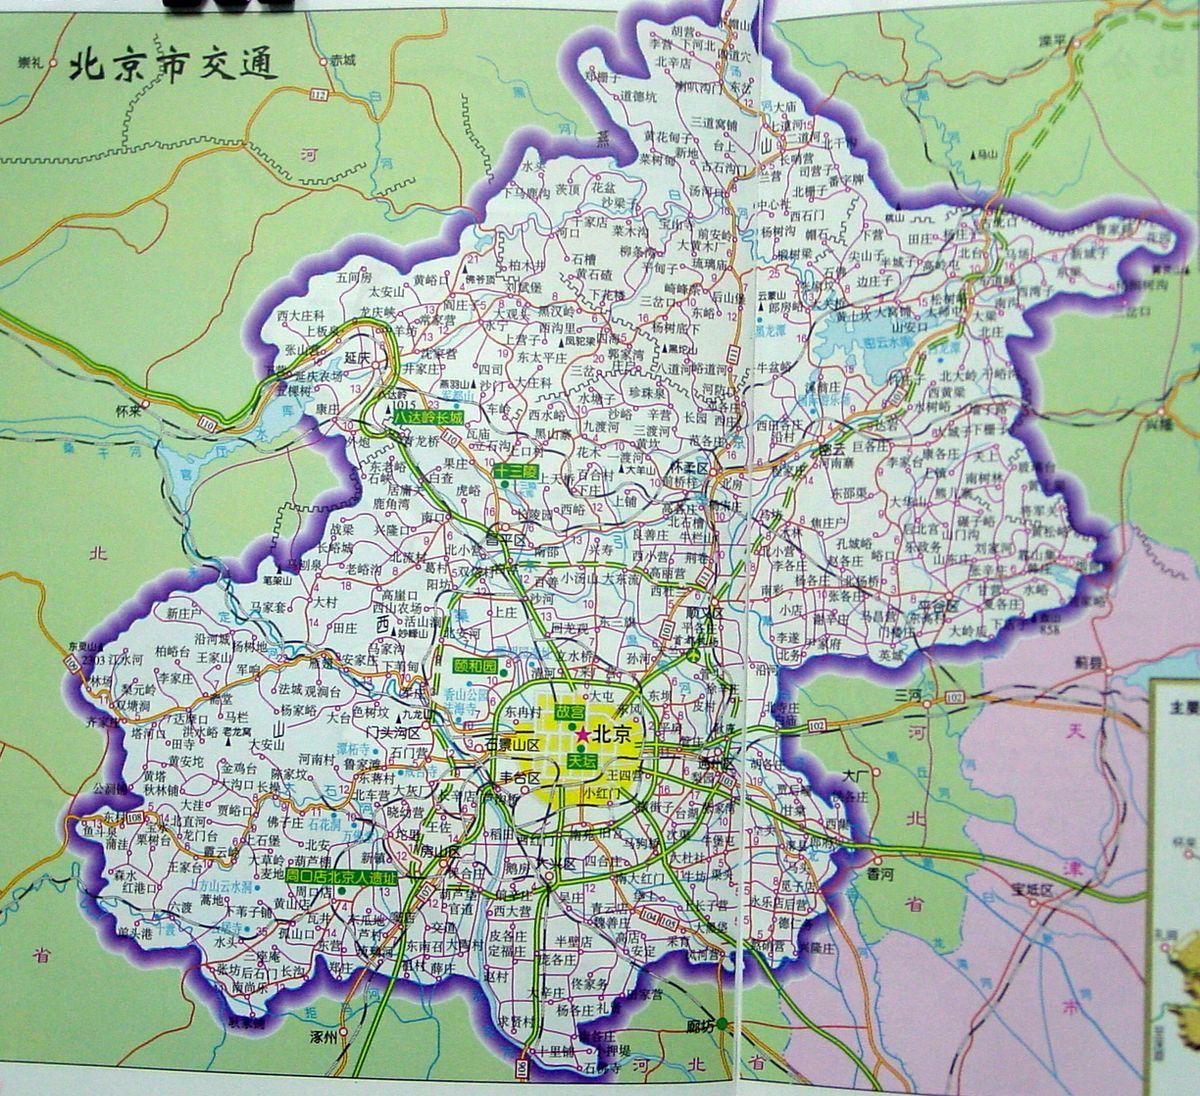 东汉末年地图全图大图